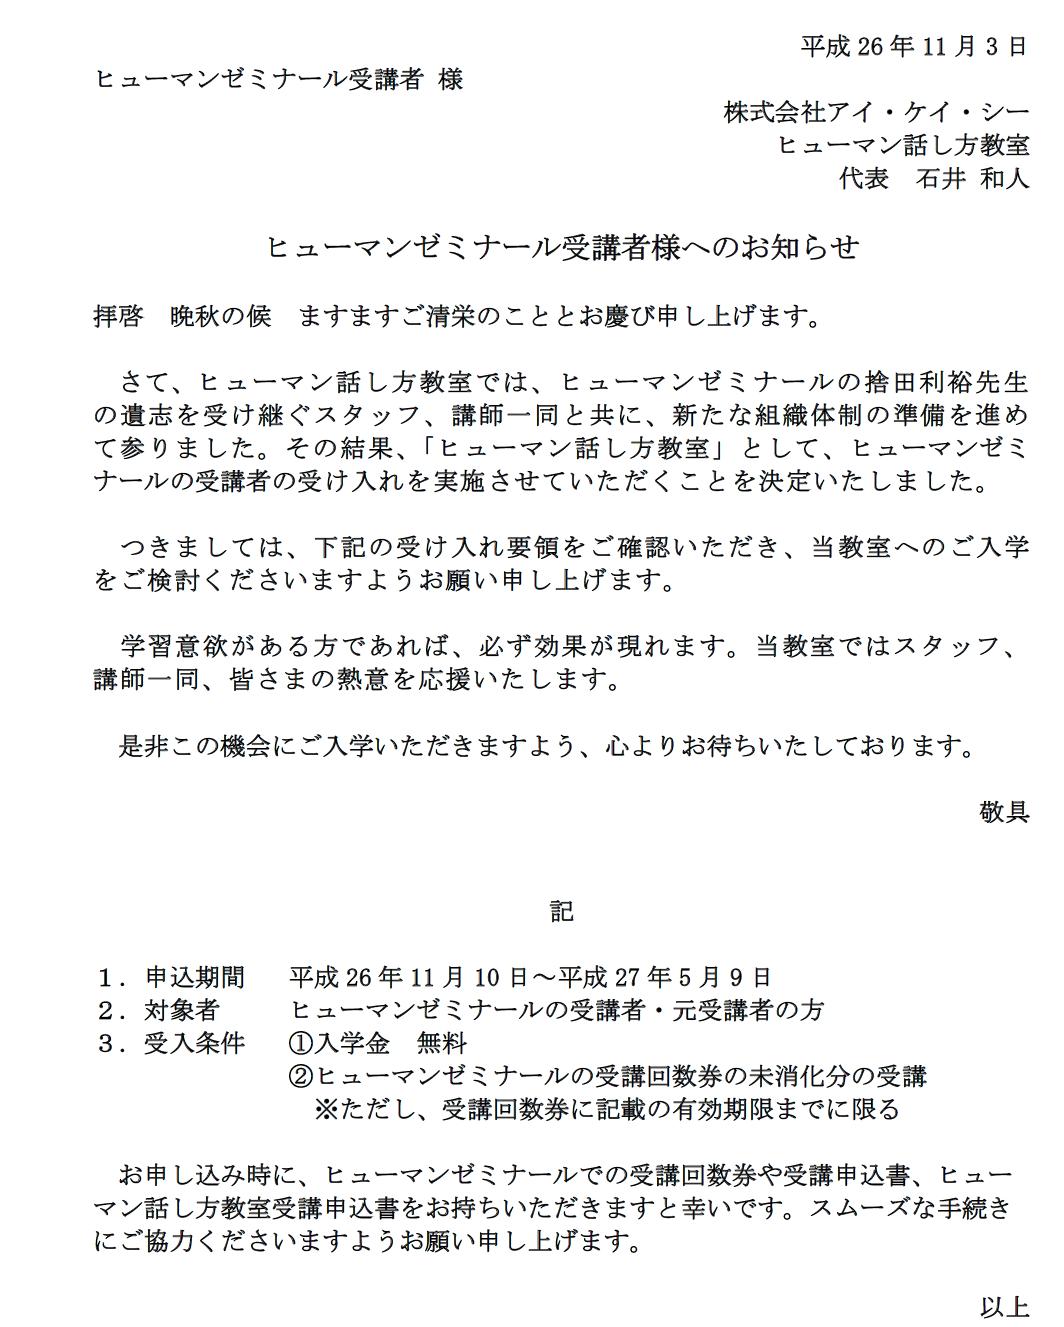 ヒューマンゼミナール受講者様へのお知らせ